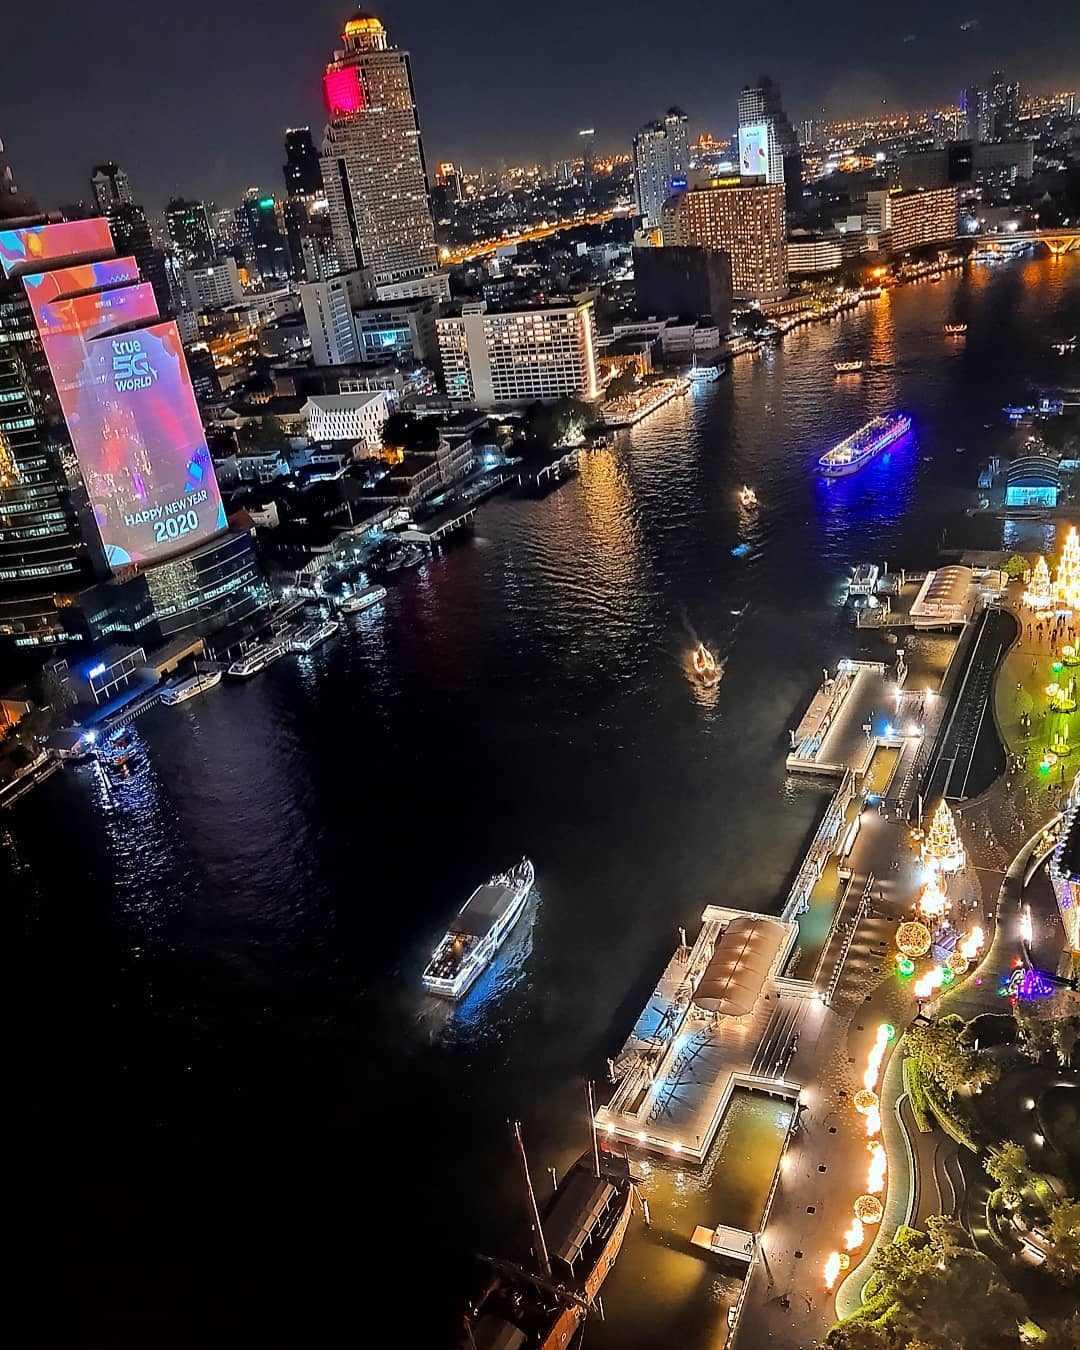 Uitzicht ThreeSixty Jazz Lounge and Rooftop Bar / Millennium Hilton Bangkok over de Chao Phraya rivier